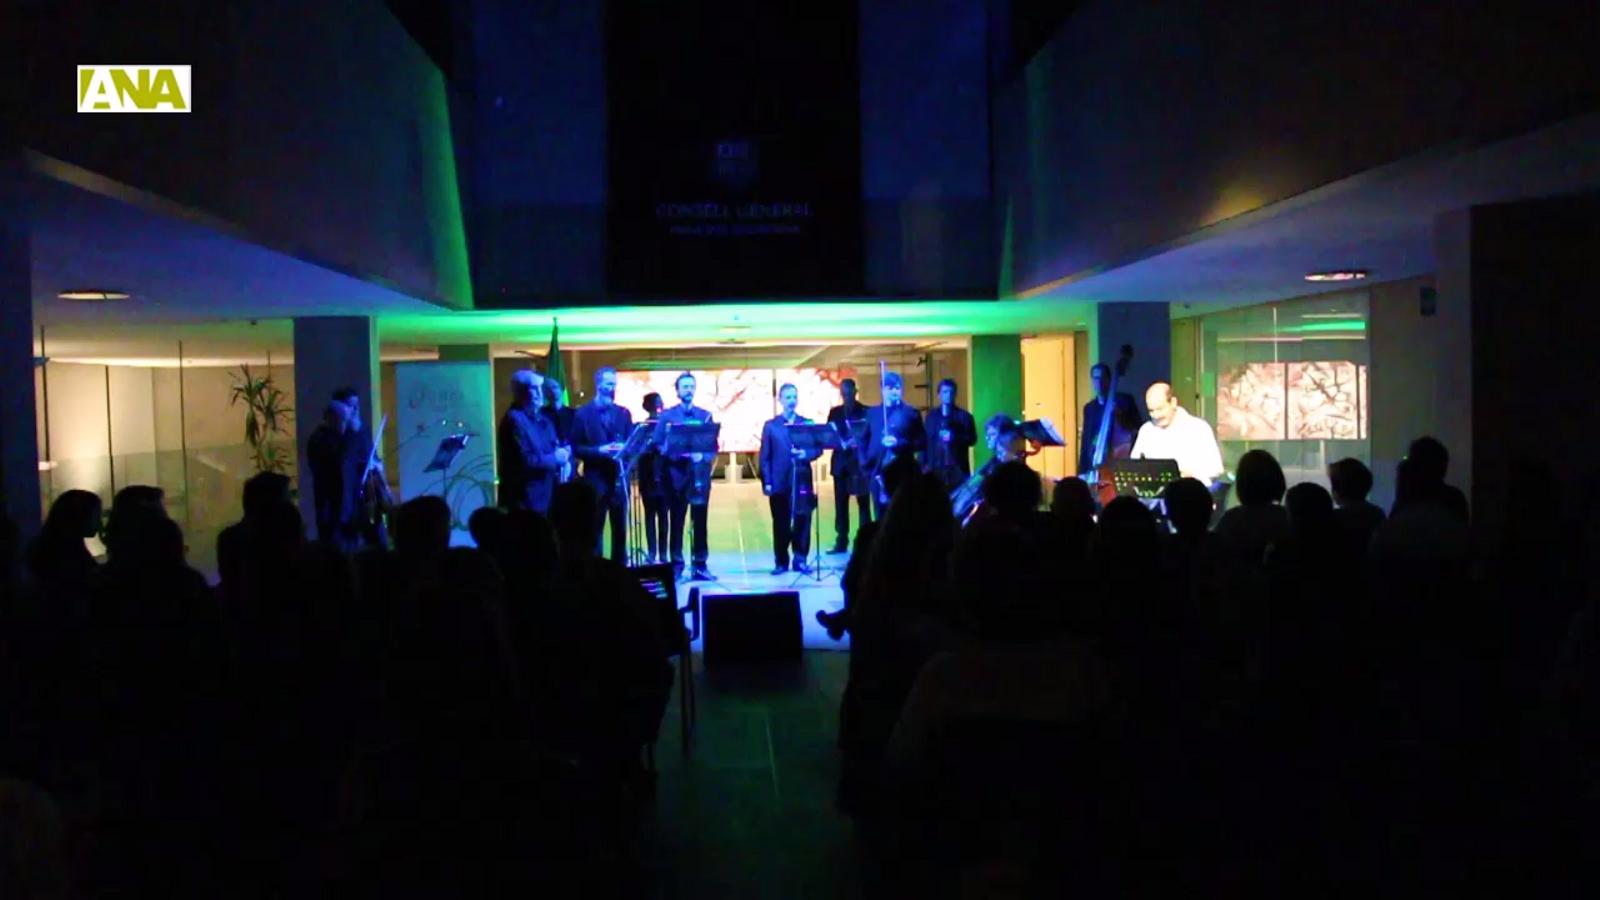 Espectacle 'Mendelssohn, viatger sense fronteres', sota la direcció de Gerard Claret